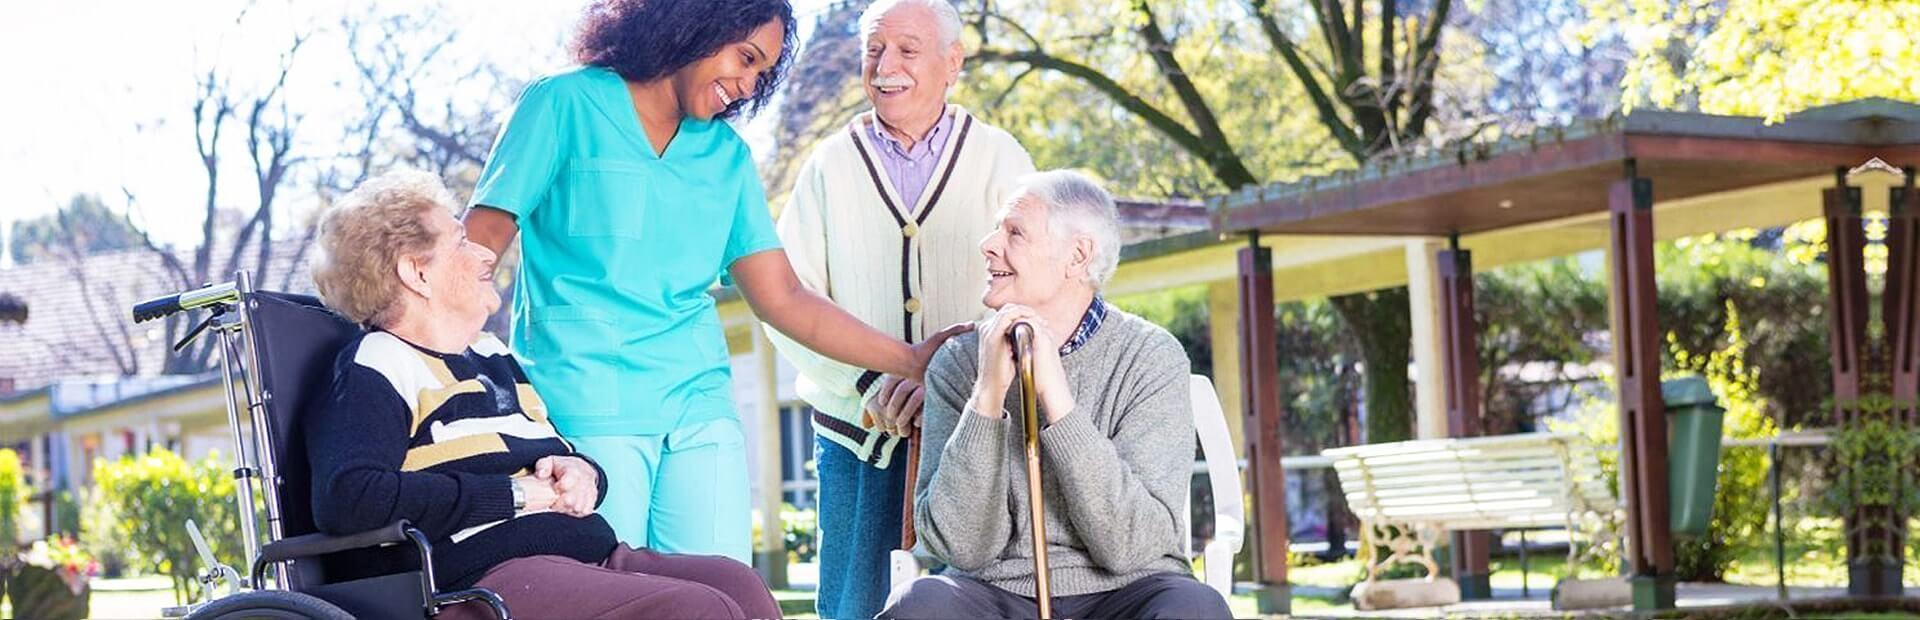 24/7 respite and convalescent care